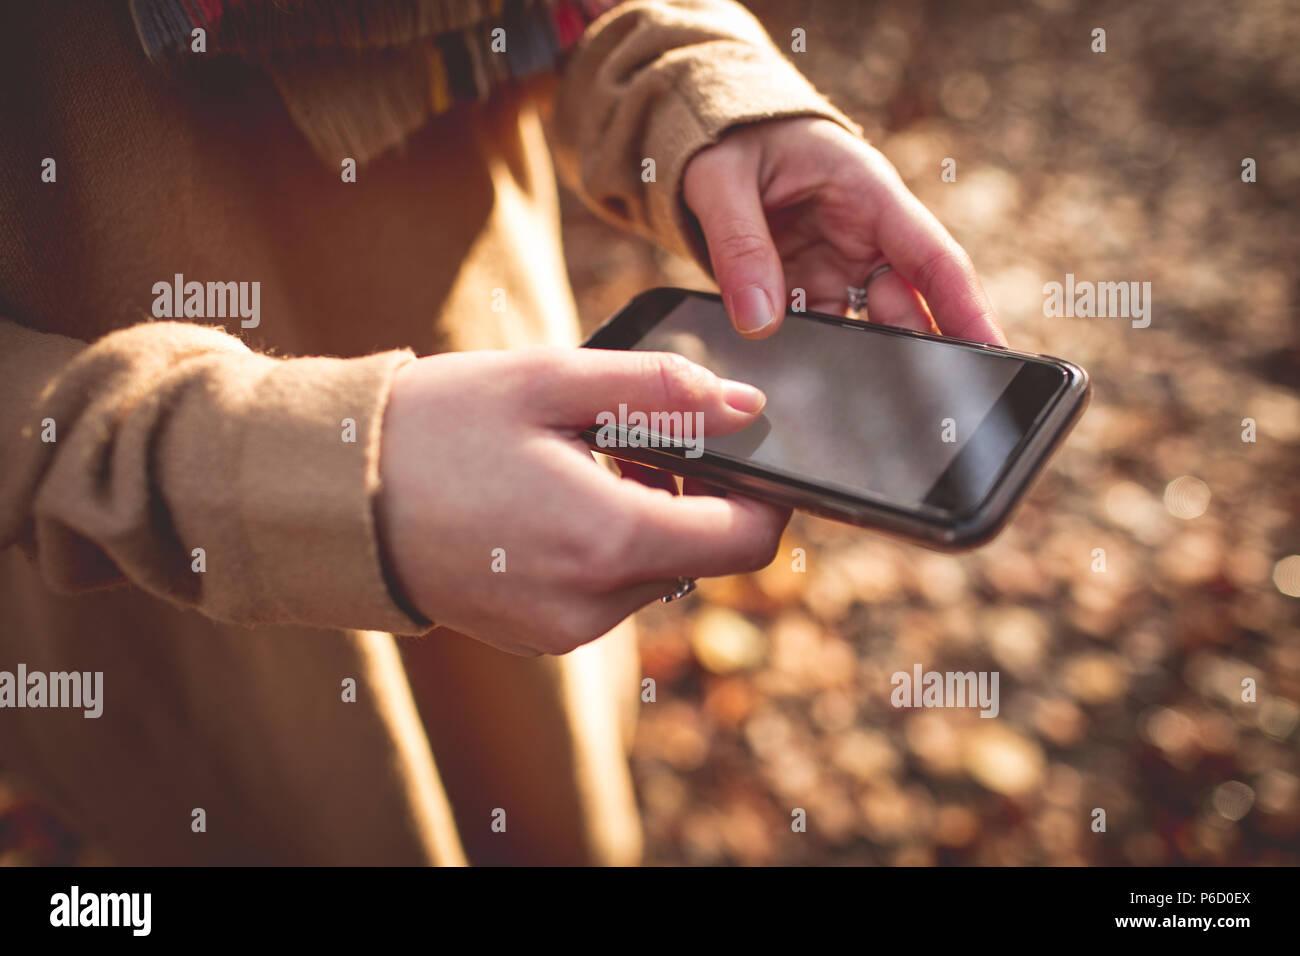 La sección central de la mujer a través de teléfono móvil Foto de stock